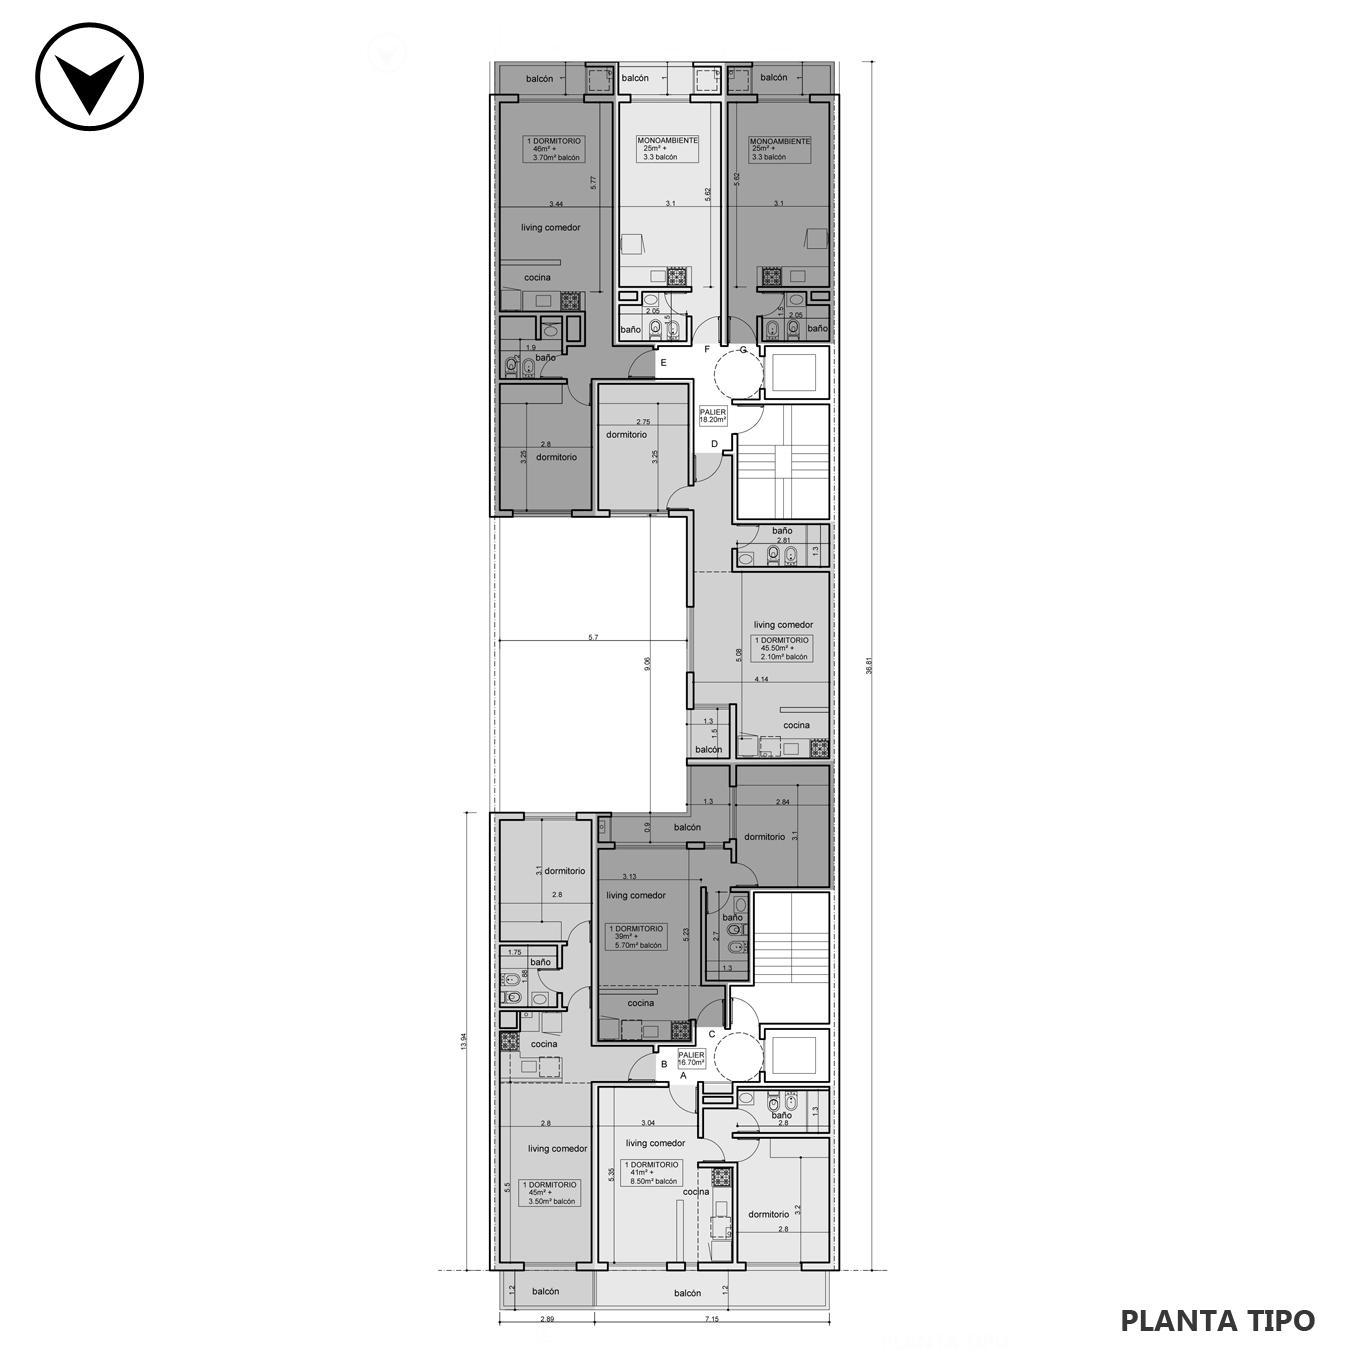 Venta departamento 1 dormitorio Rosario, Centro. Cod CBU24743 AP2301867. Crestale Propiedades